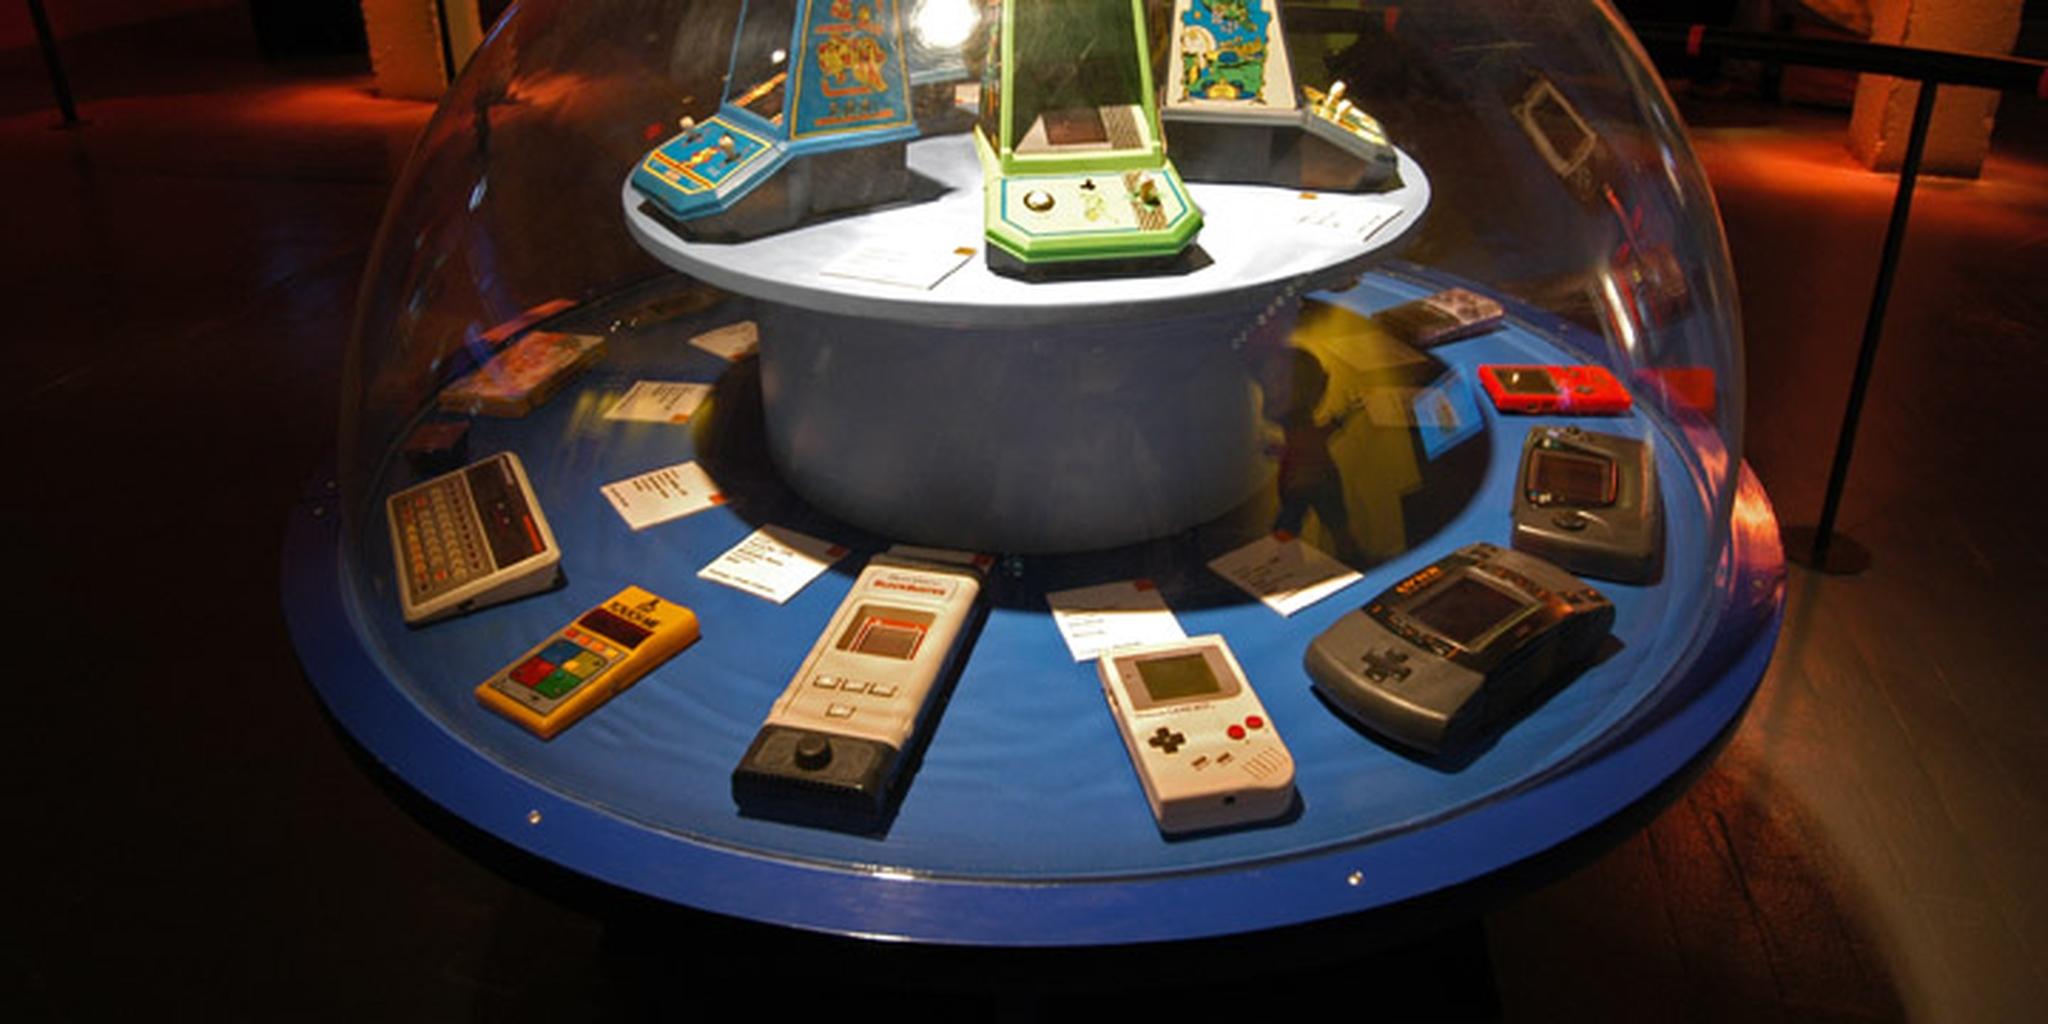 All sizes | Sélection de consoles portables et de jeux électroniques | Flickr - Photo Sharing!